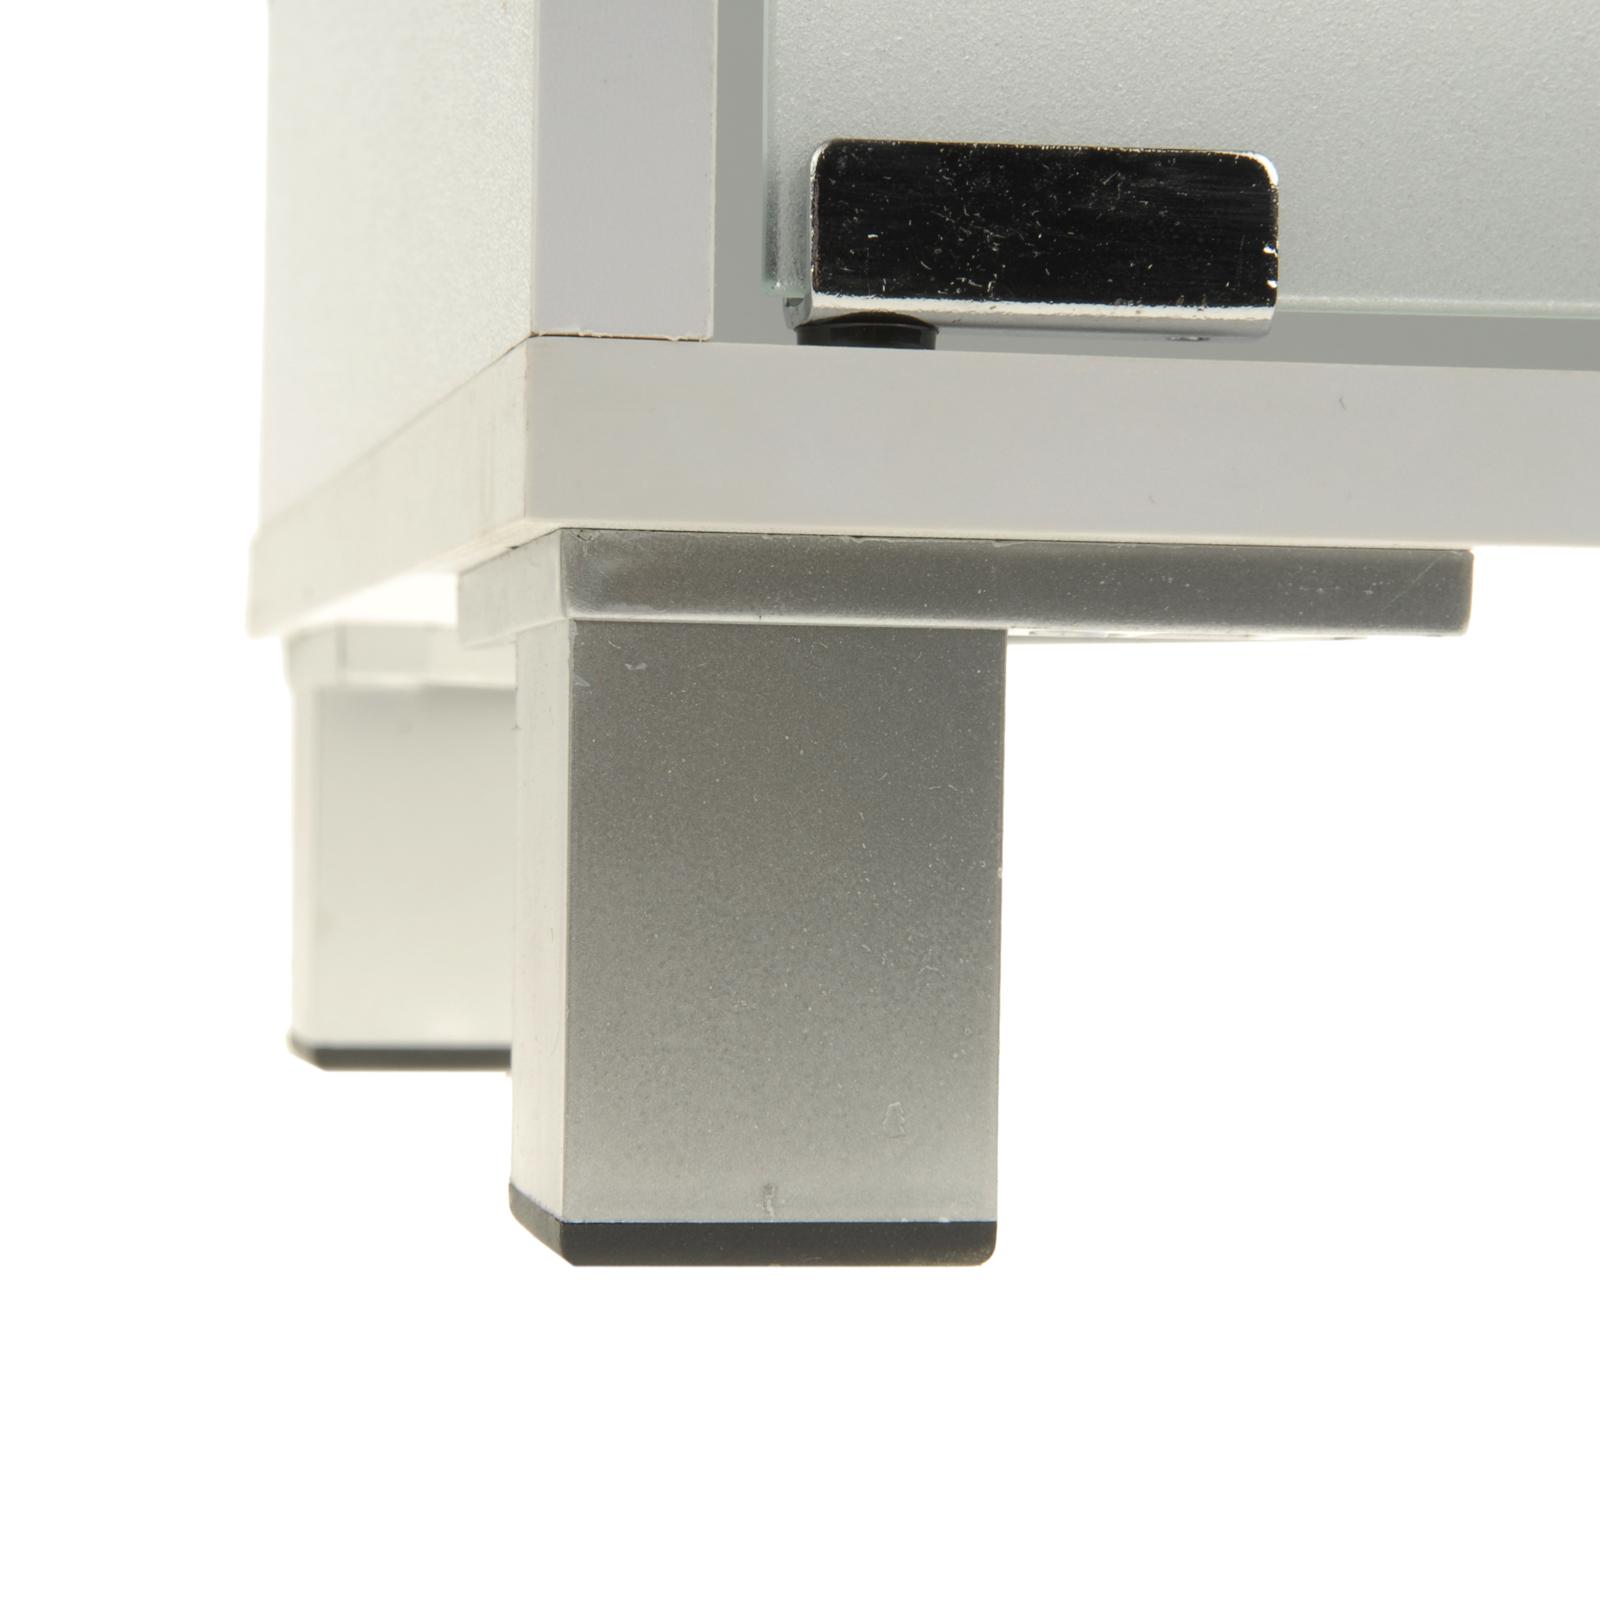 waschtischunterschrank mit 3 schubladen in wei waschtisch unterschrank neu ovp ebay. Black Bedroom Furniture Sets. Home Design Ideas